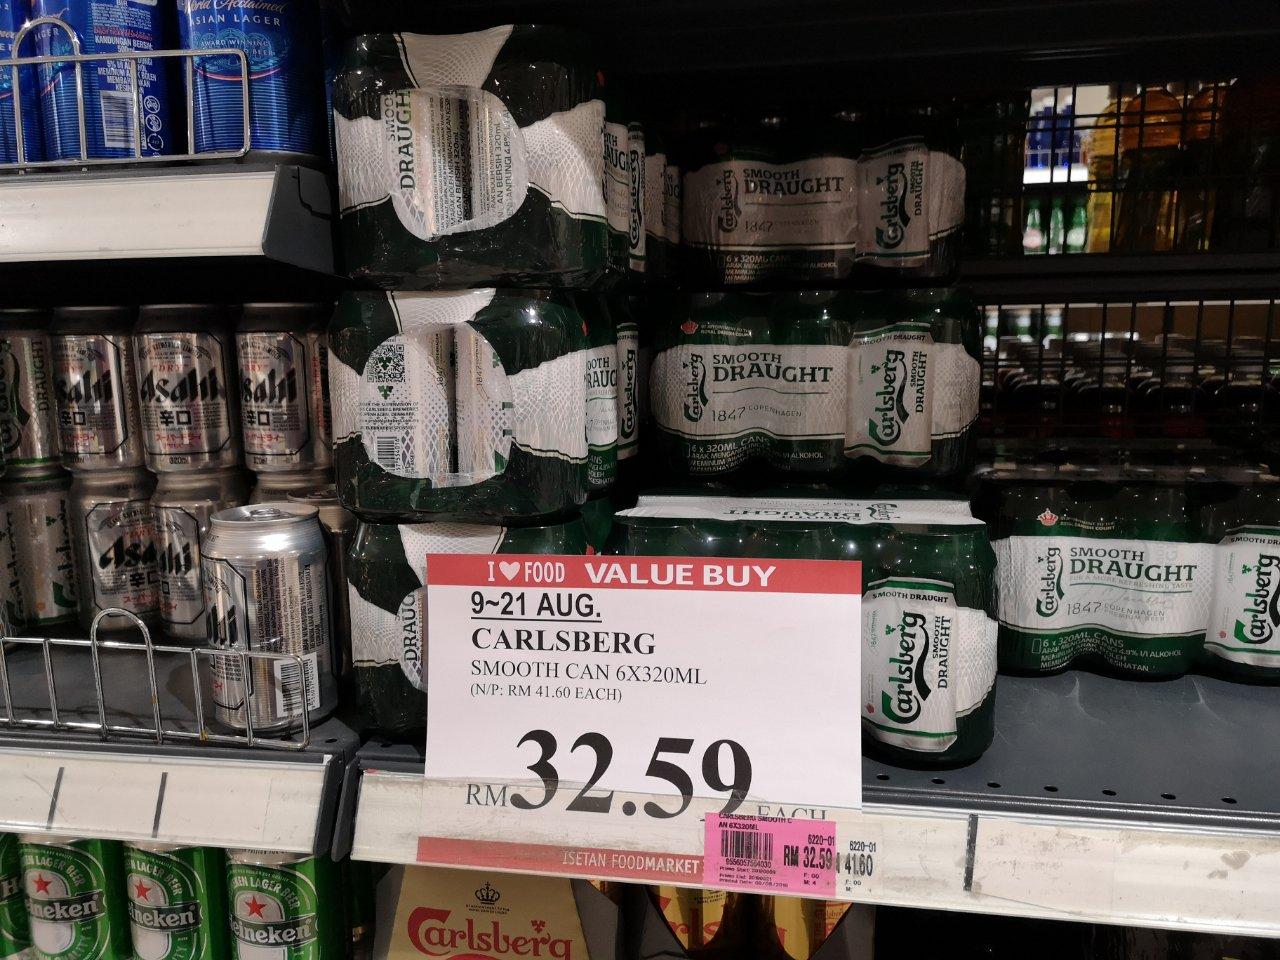 伊勢丹ビール価格1